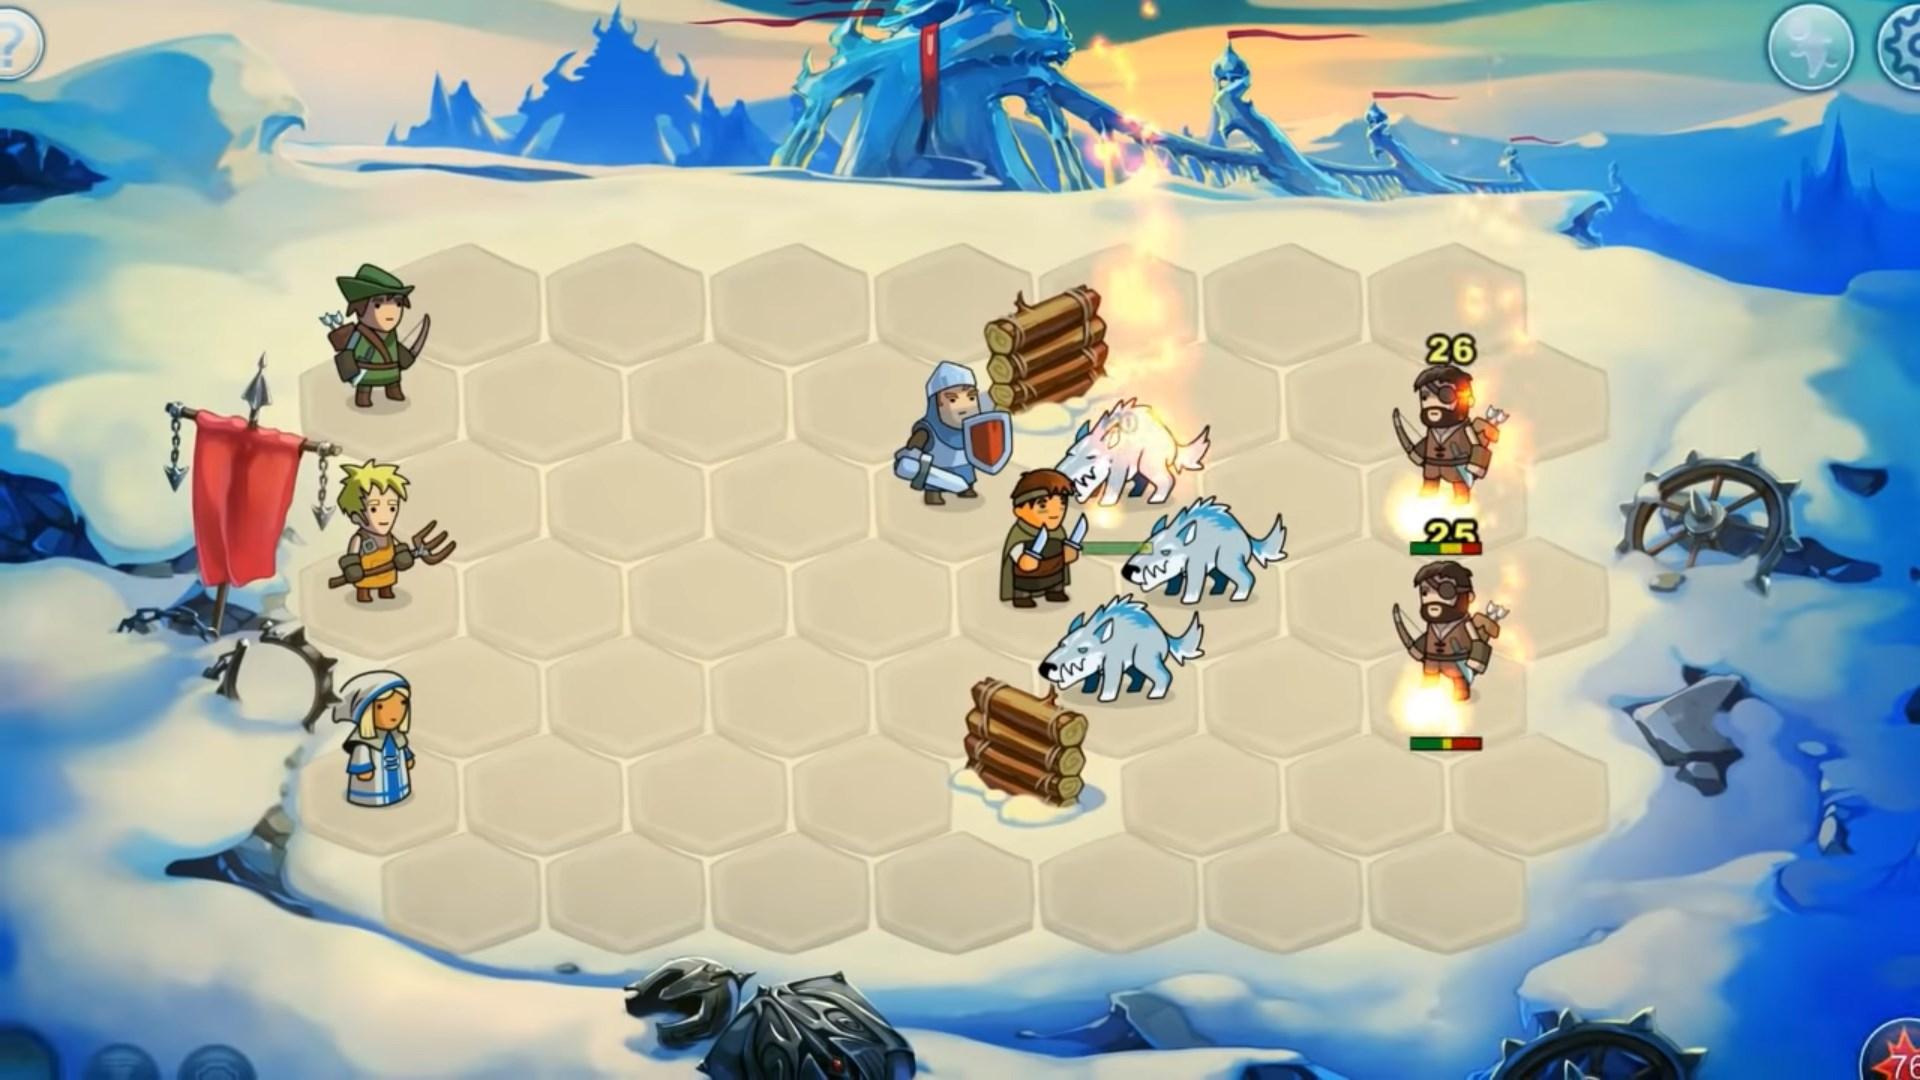 Les meilleurs jeux de stratégie gratuits et payants sur smartphones Android